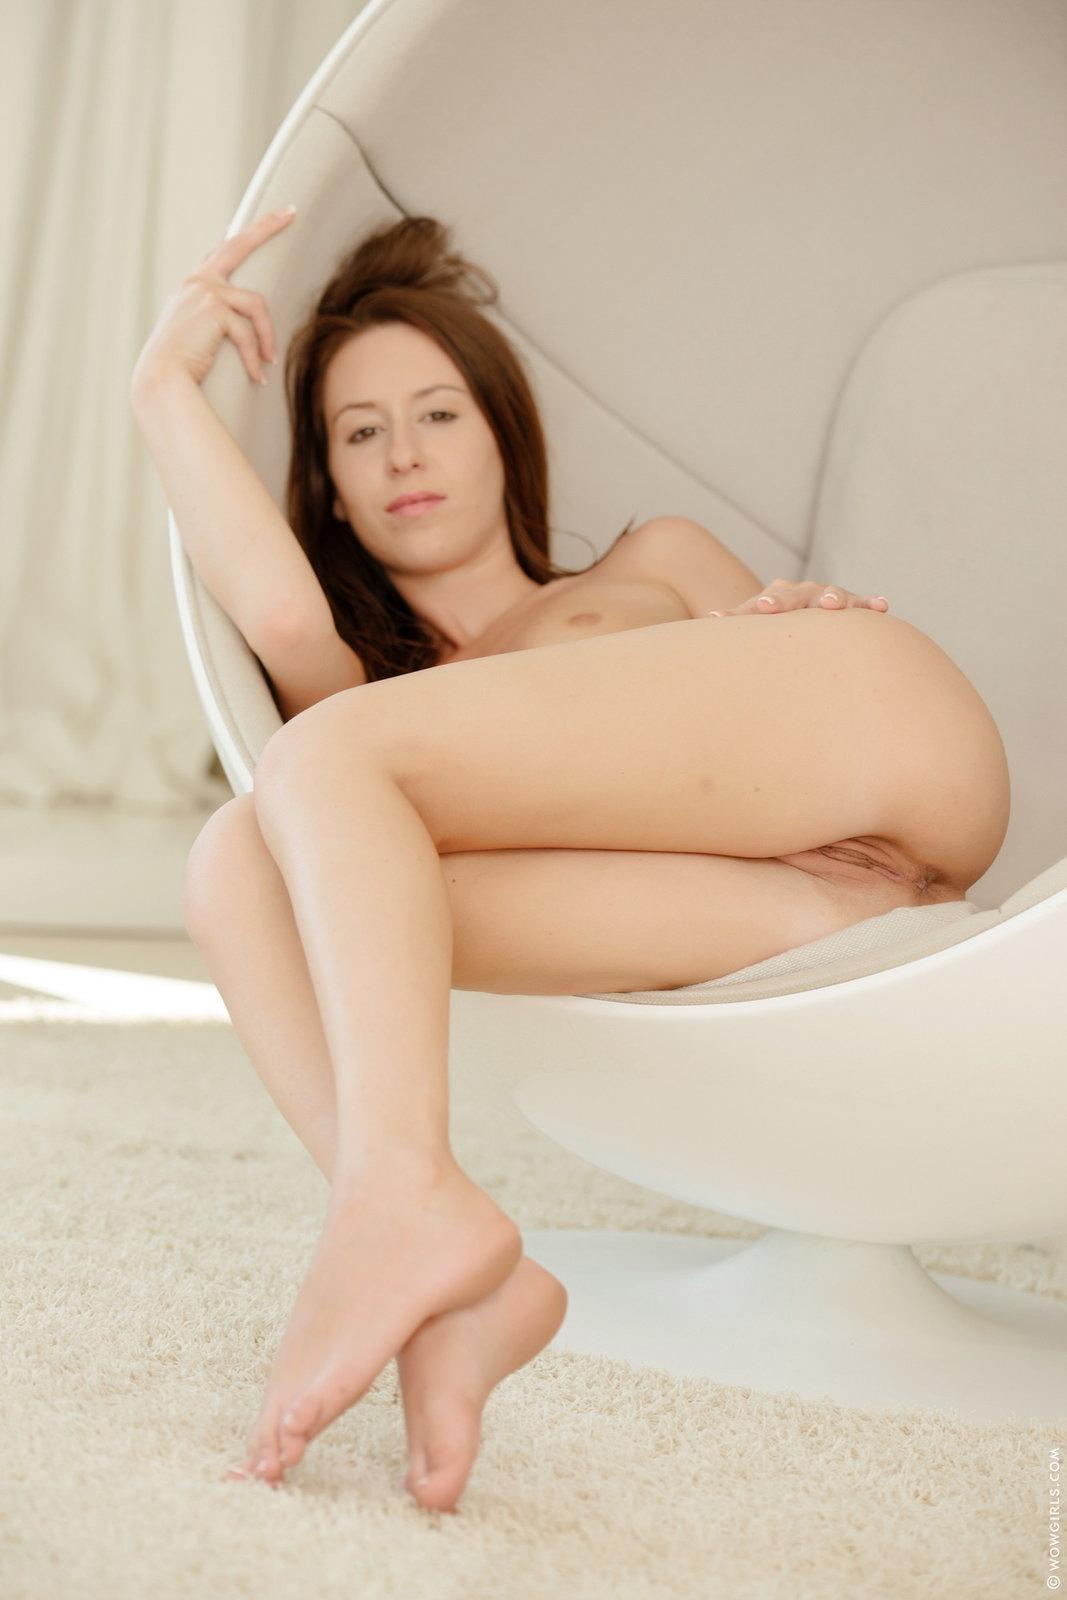 Zdjęcie porno - 1023 - Laska zdejmuje majtki